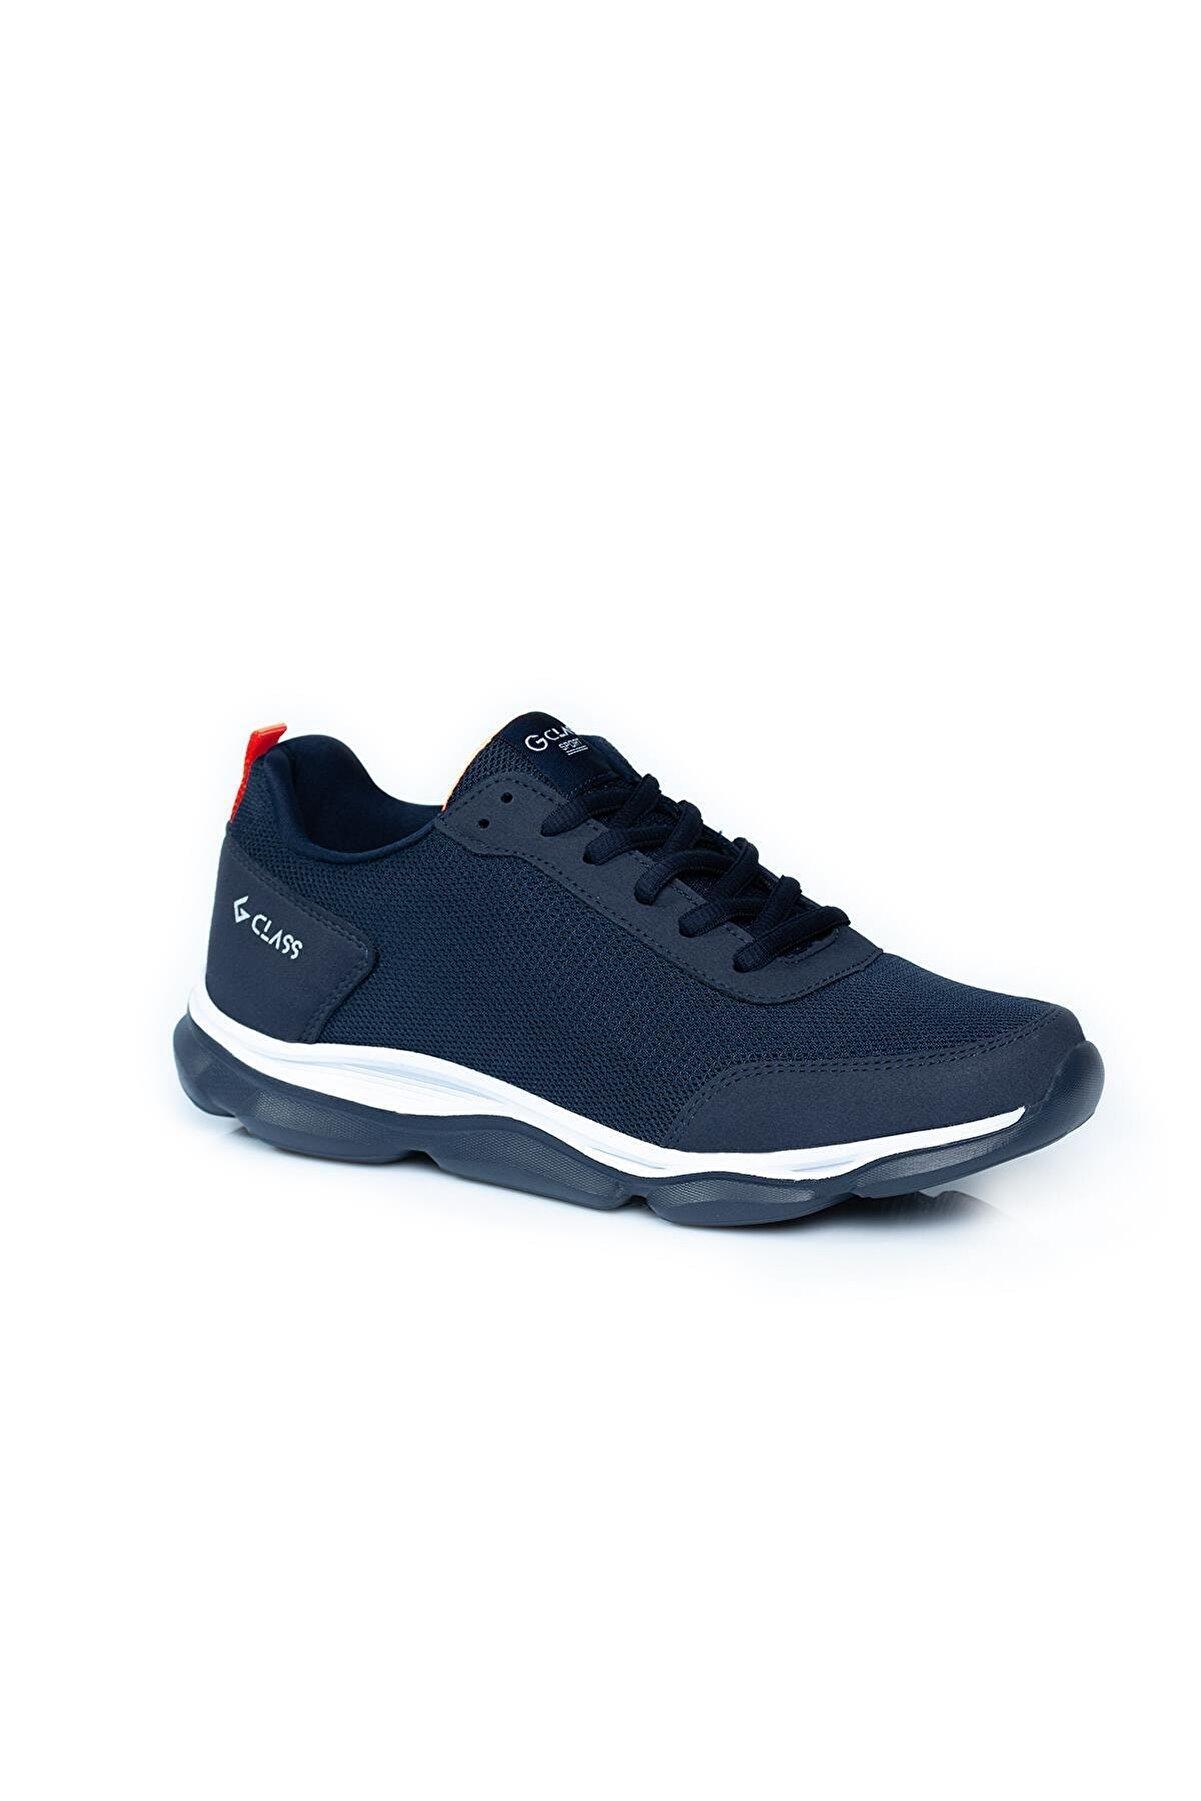 G-CLASS Erkek Bağcıklı Hafif Ve Yumuşak Taban Günlük Rahat Spor Ayakkabı Sneaker 1010gcl